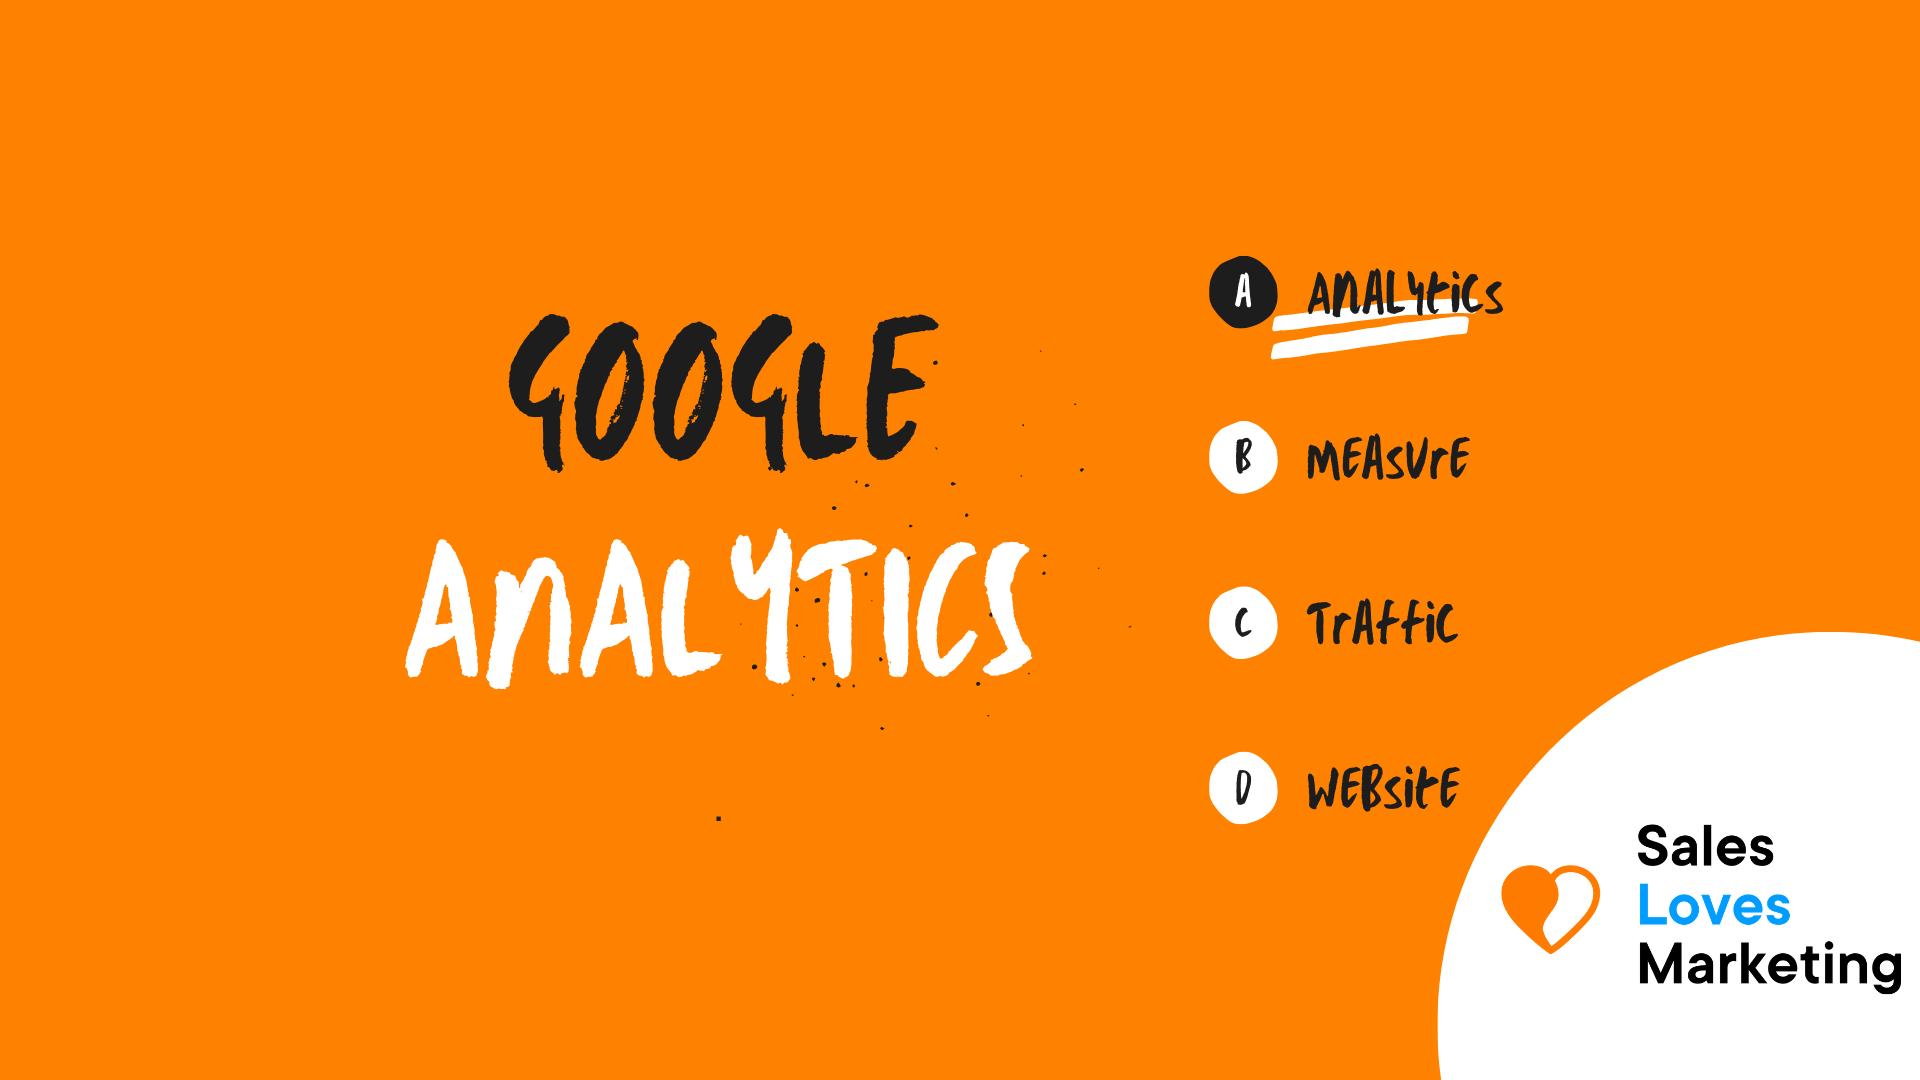 Google Analytics (GA)